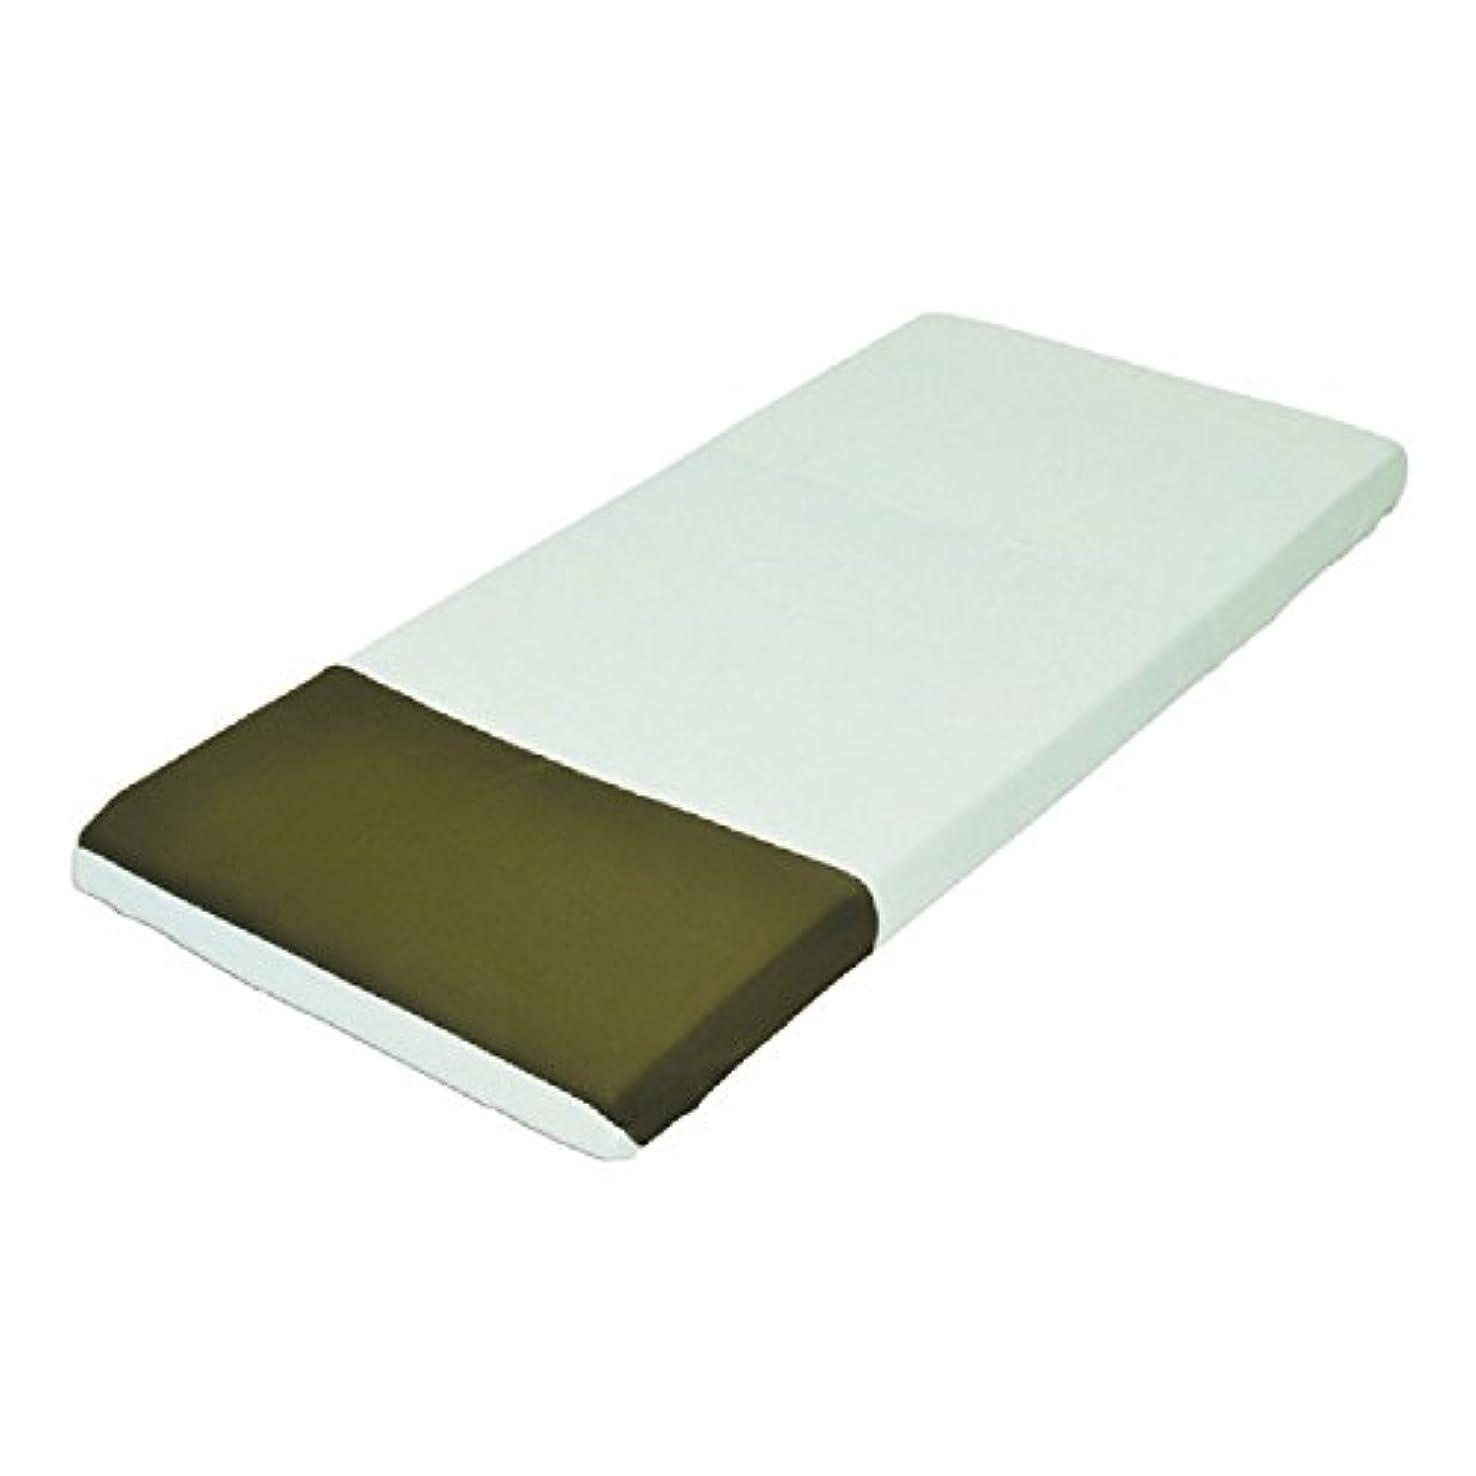 分離ロッド名前でモルテン ハイパー除湿シーツ 吸水拡散 防水 ボックス全身 グリーン